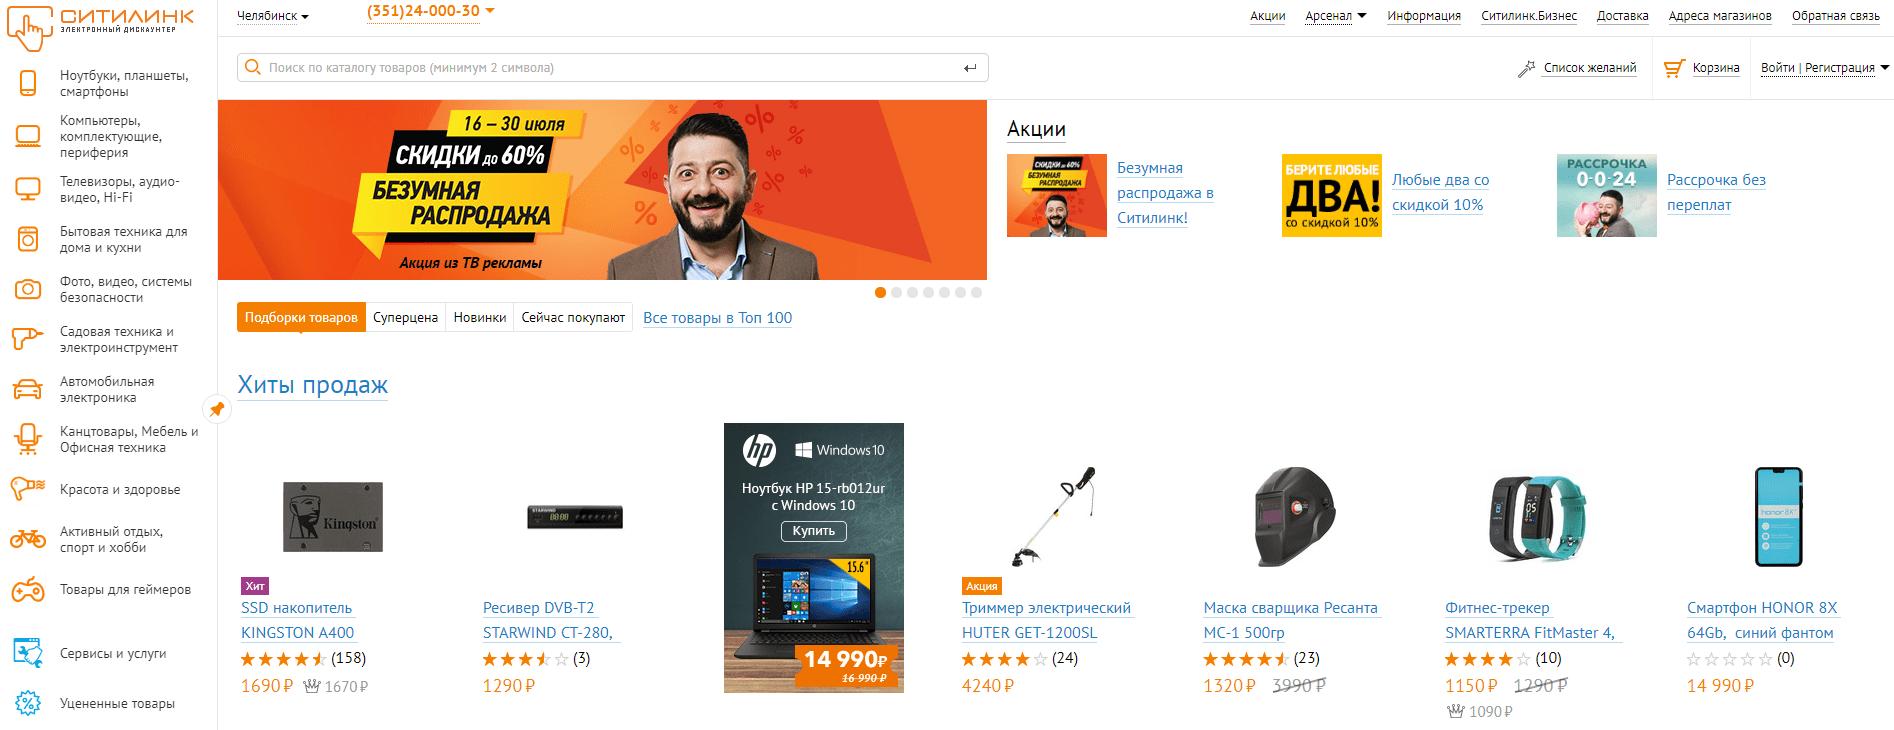 Топ 10 популярных интернет магазинов электроники в 2019 году